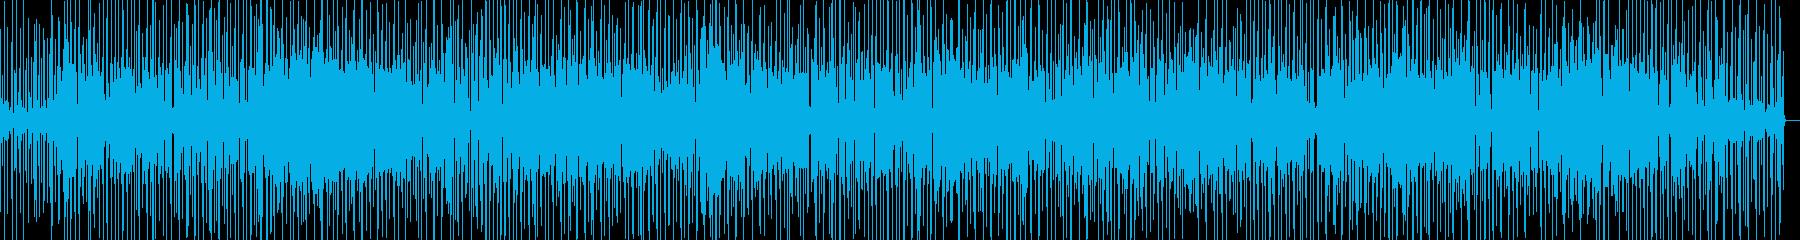 1970年代中期Jazz Funkの再生済みの波形